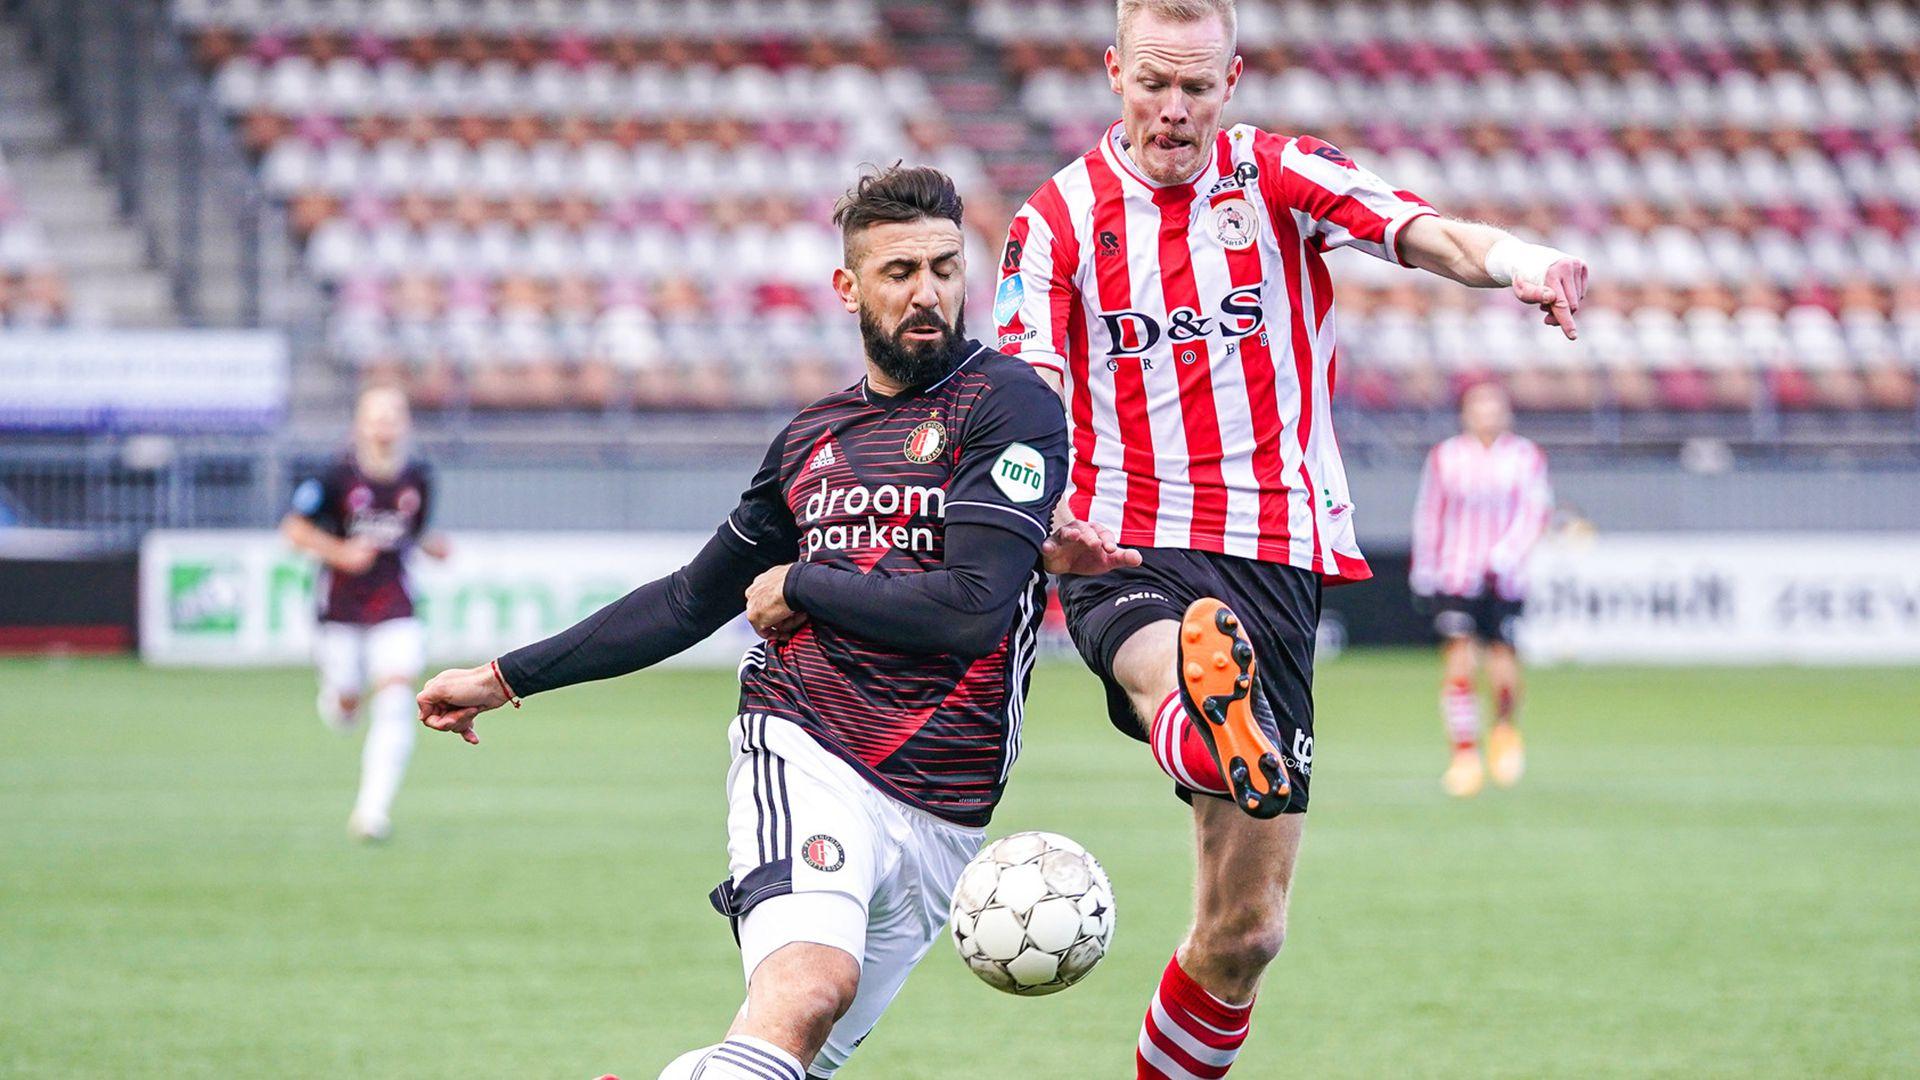 Debut de Lucas Pratto en el Feyenoord